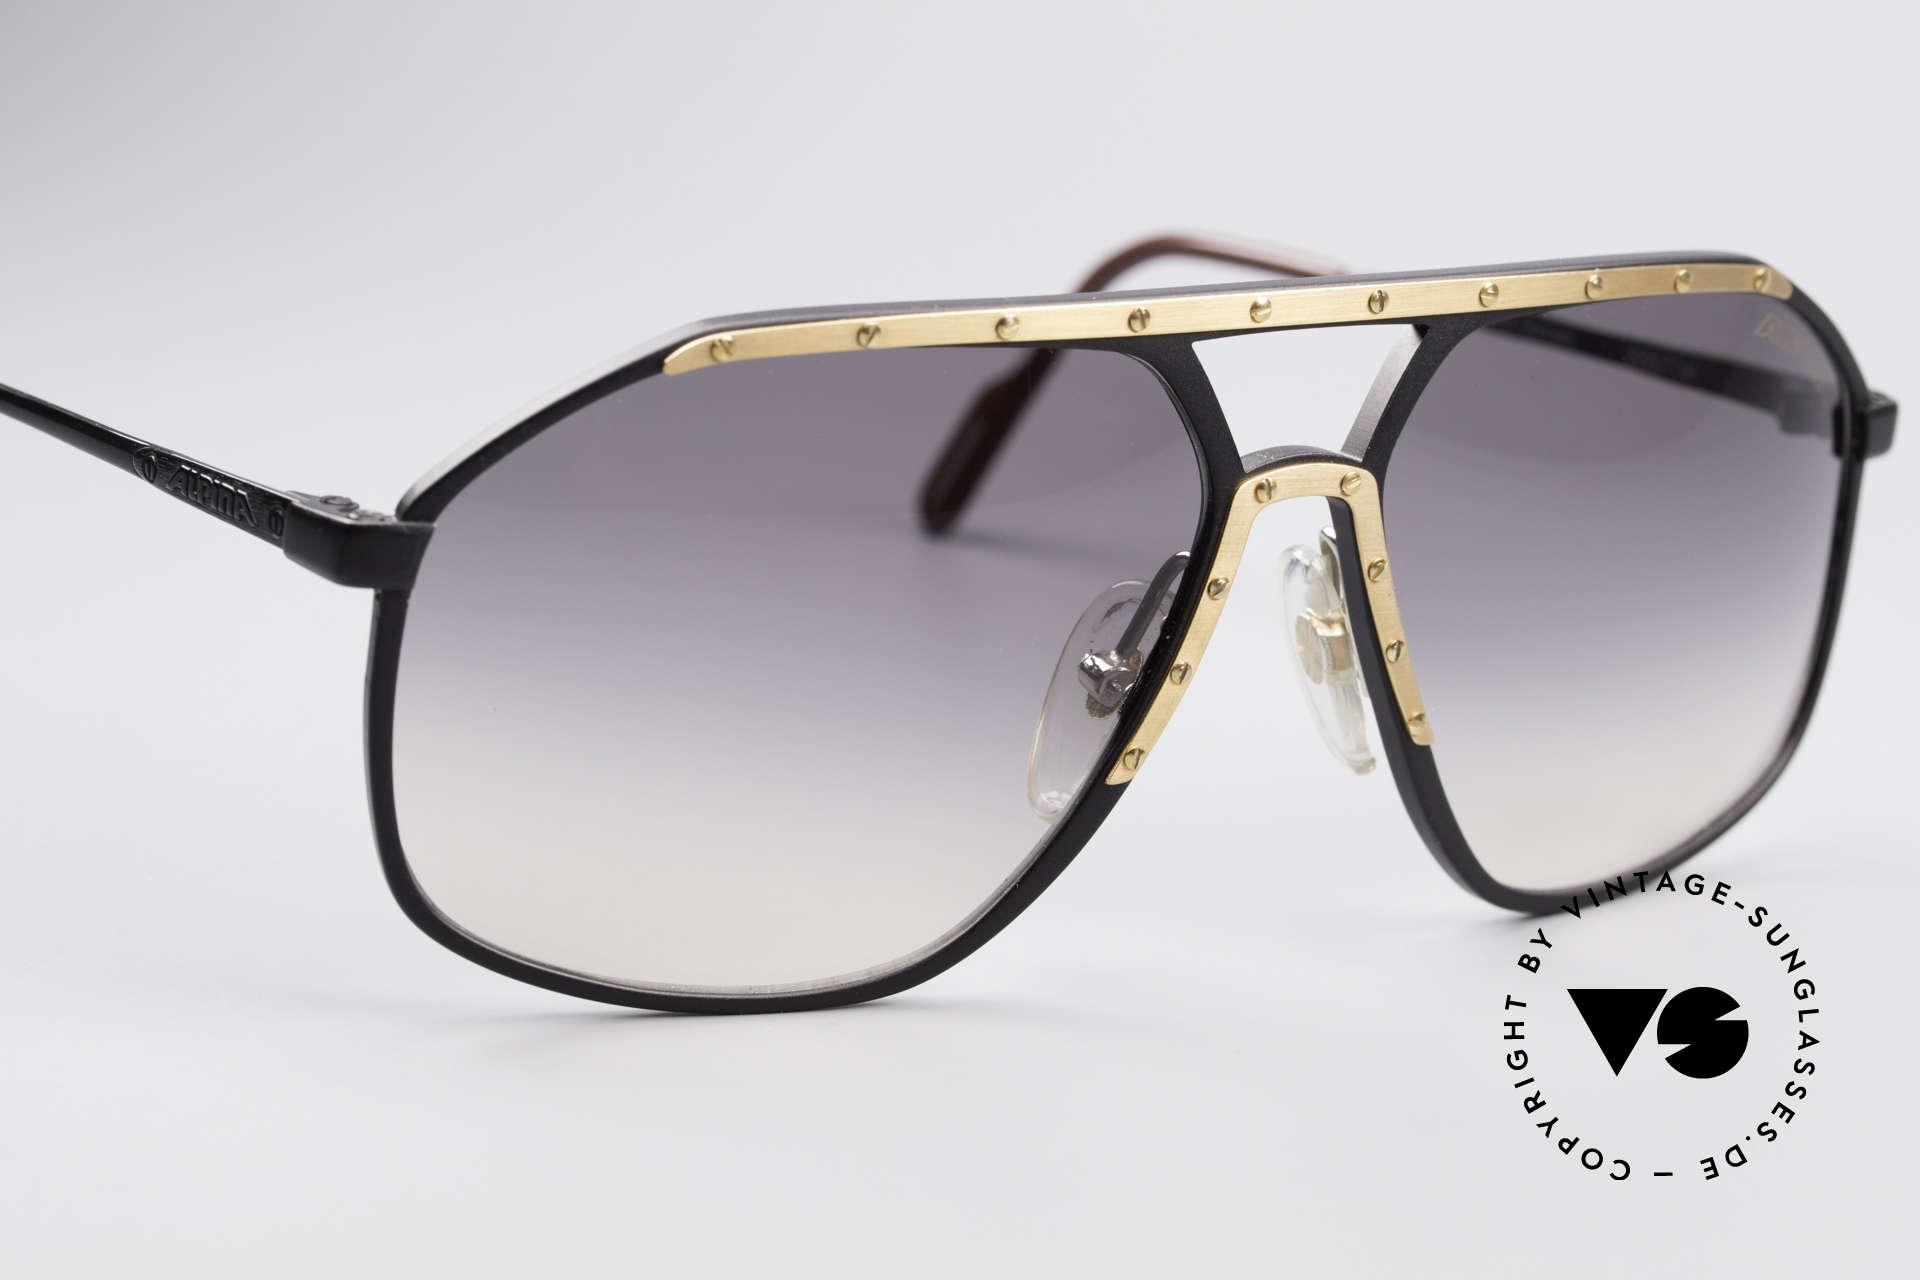 Alpina M1/7 Echte Vintage Sonnenbrille, ungetragen (wie alle unsere VINTAGE Designerbrillen), Passend für Herren